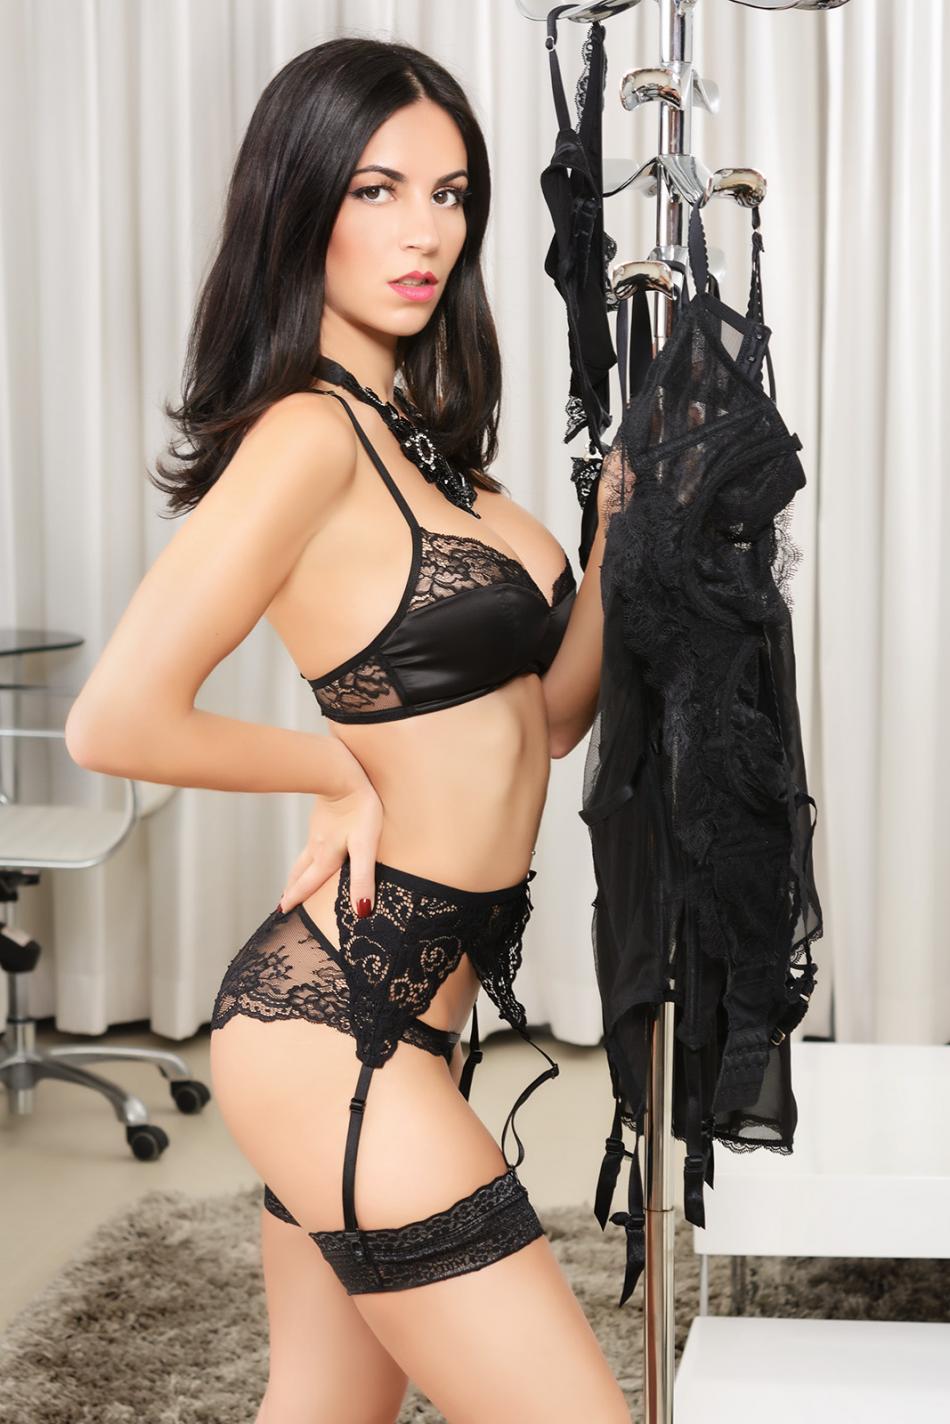 Ladyfordaddy.com Arianna Escort Girl In New York 24080856 - 1 1